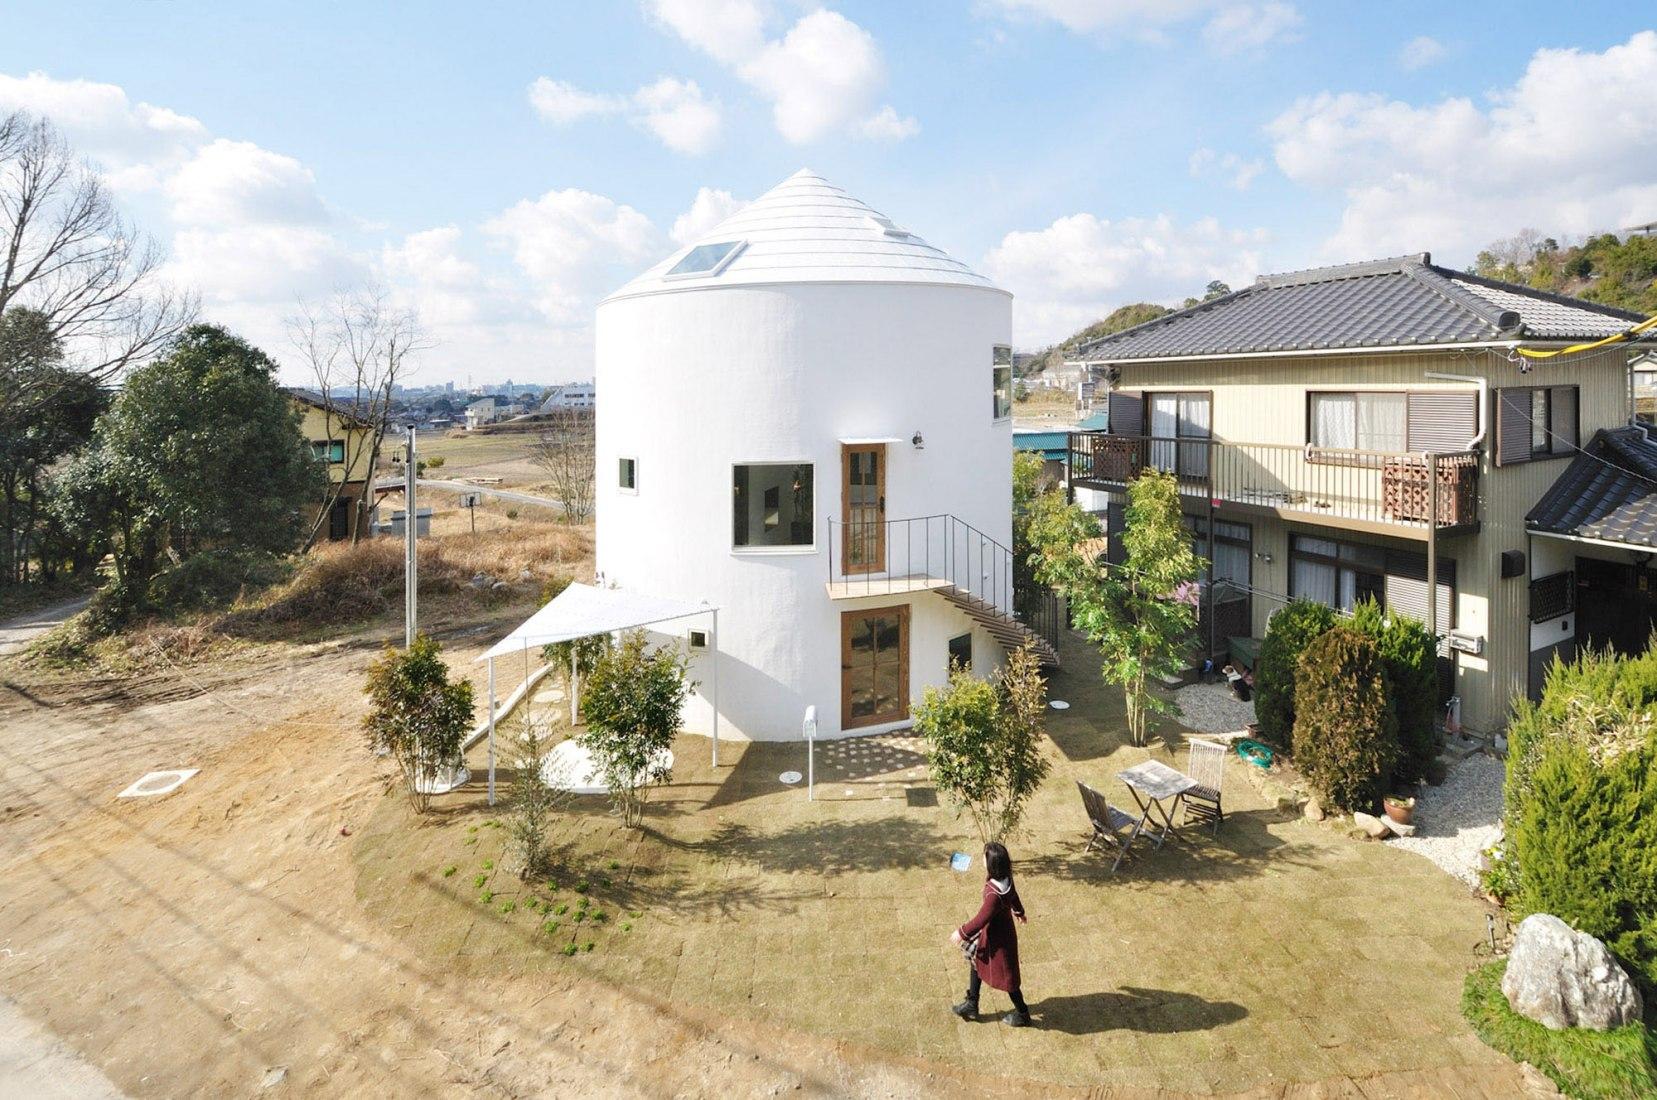 Imagen exterior. Fotografía © Kentaro Kurihara. Cortesía de Studio Velocity.